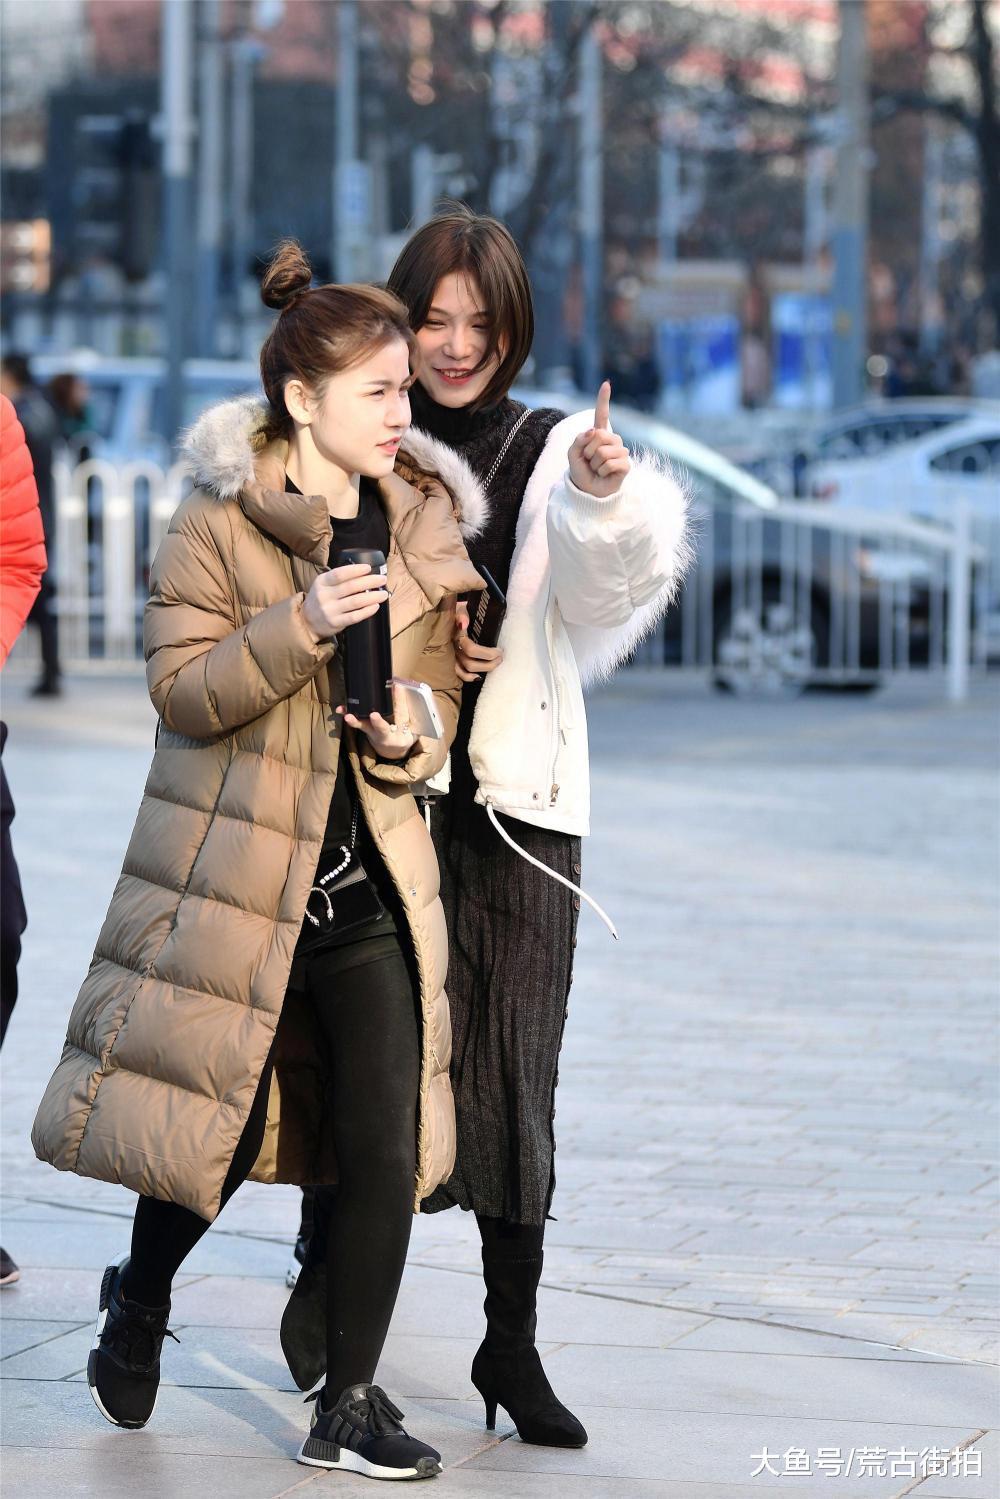 三九天约闺蜜出门,要保暖还要时尚,是不是压力很大呢?